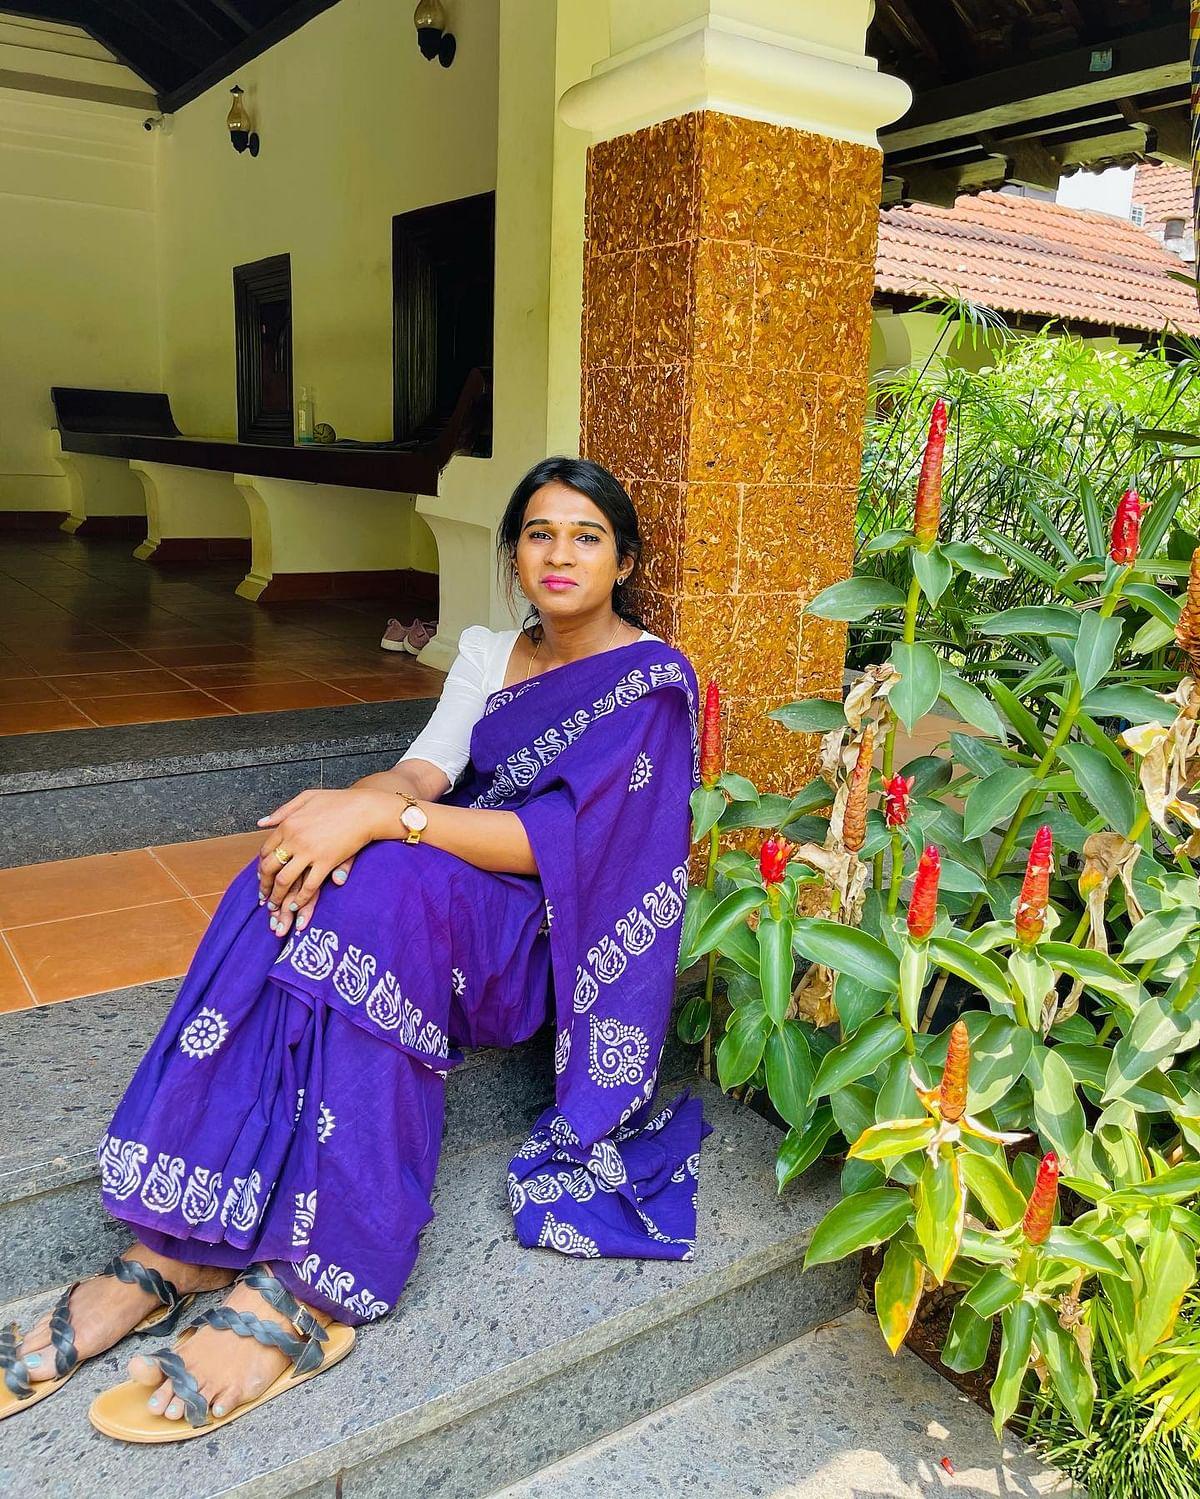 திருநங்கை அனன்யா குமாரி அலெக்ஸ்